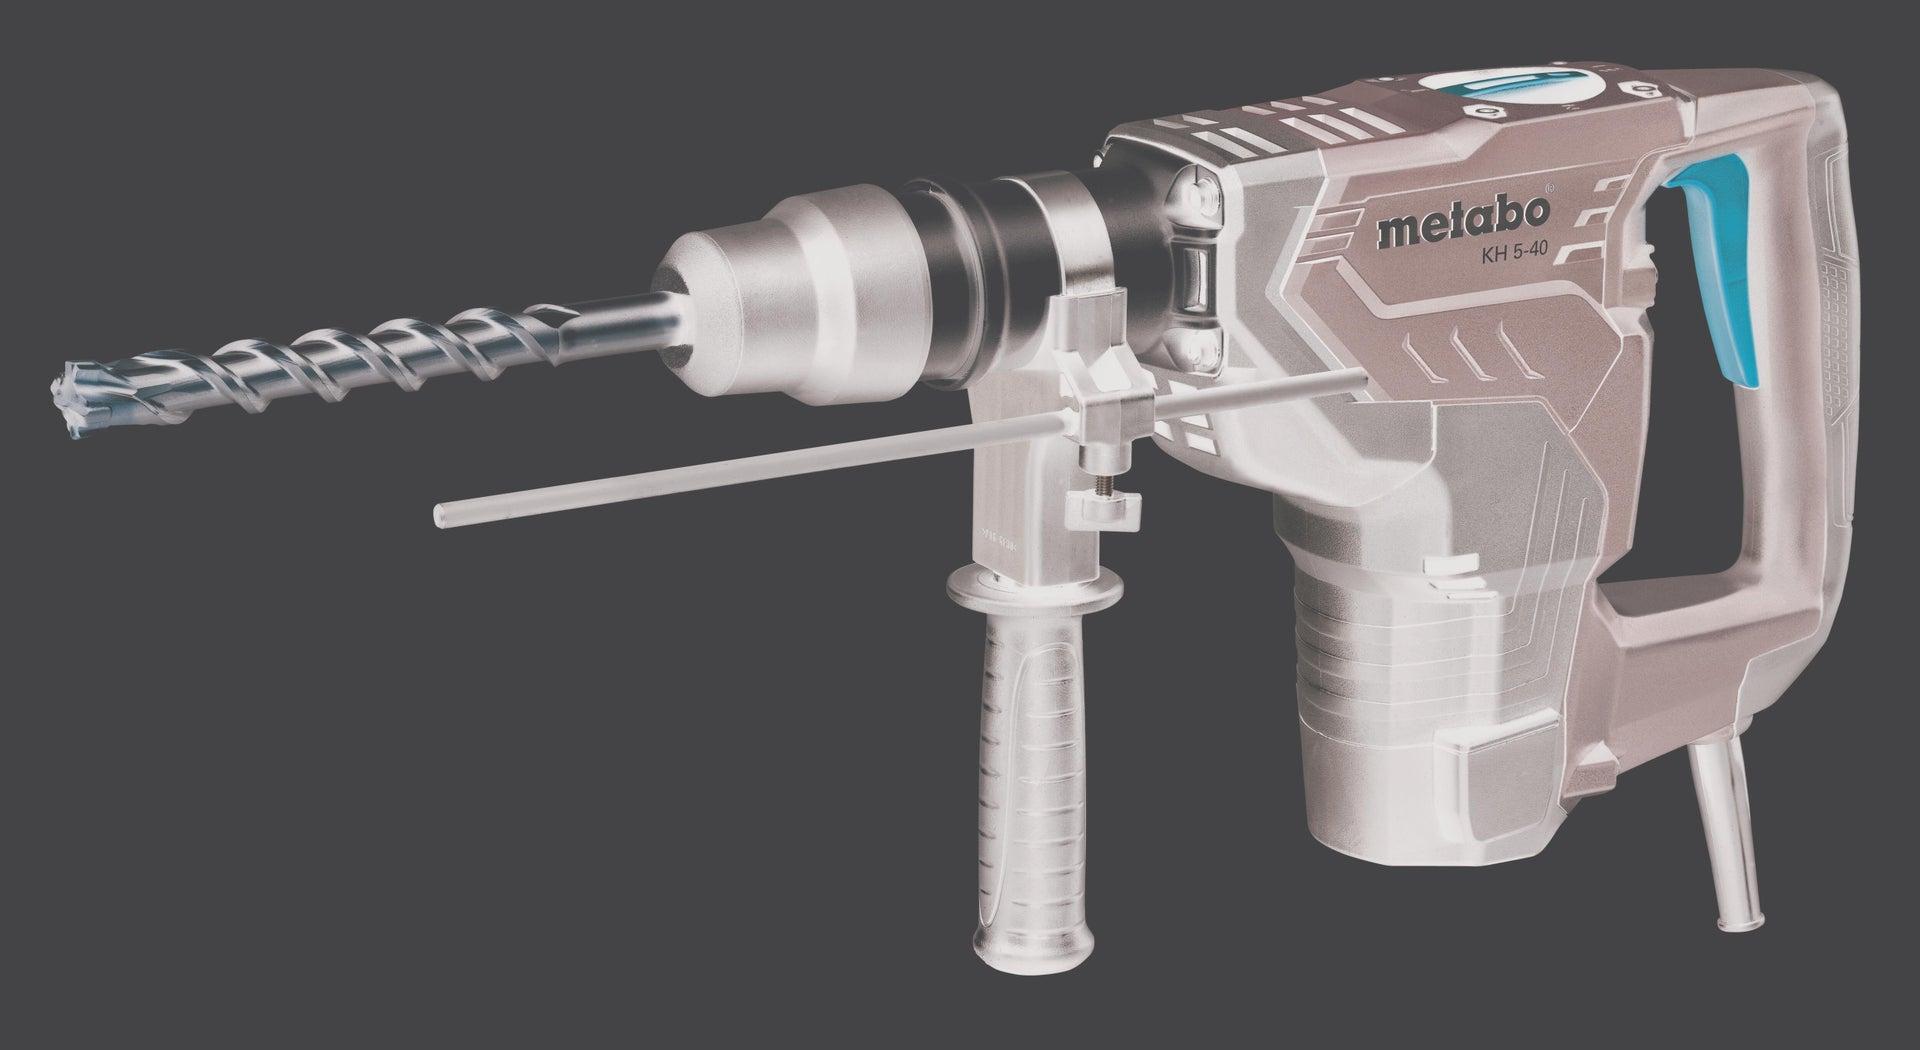 Martello combinato METABO KH 5-40 SDS Max 620 giri/min 1100 W - 5